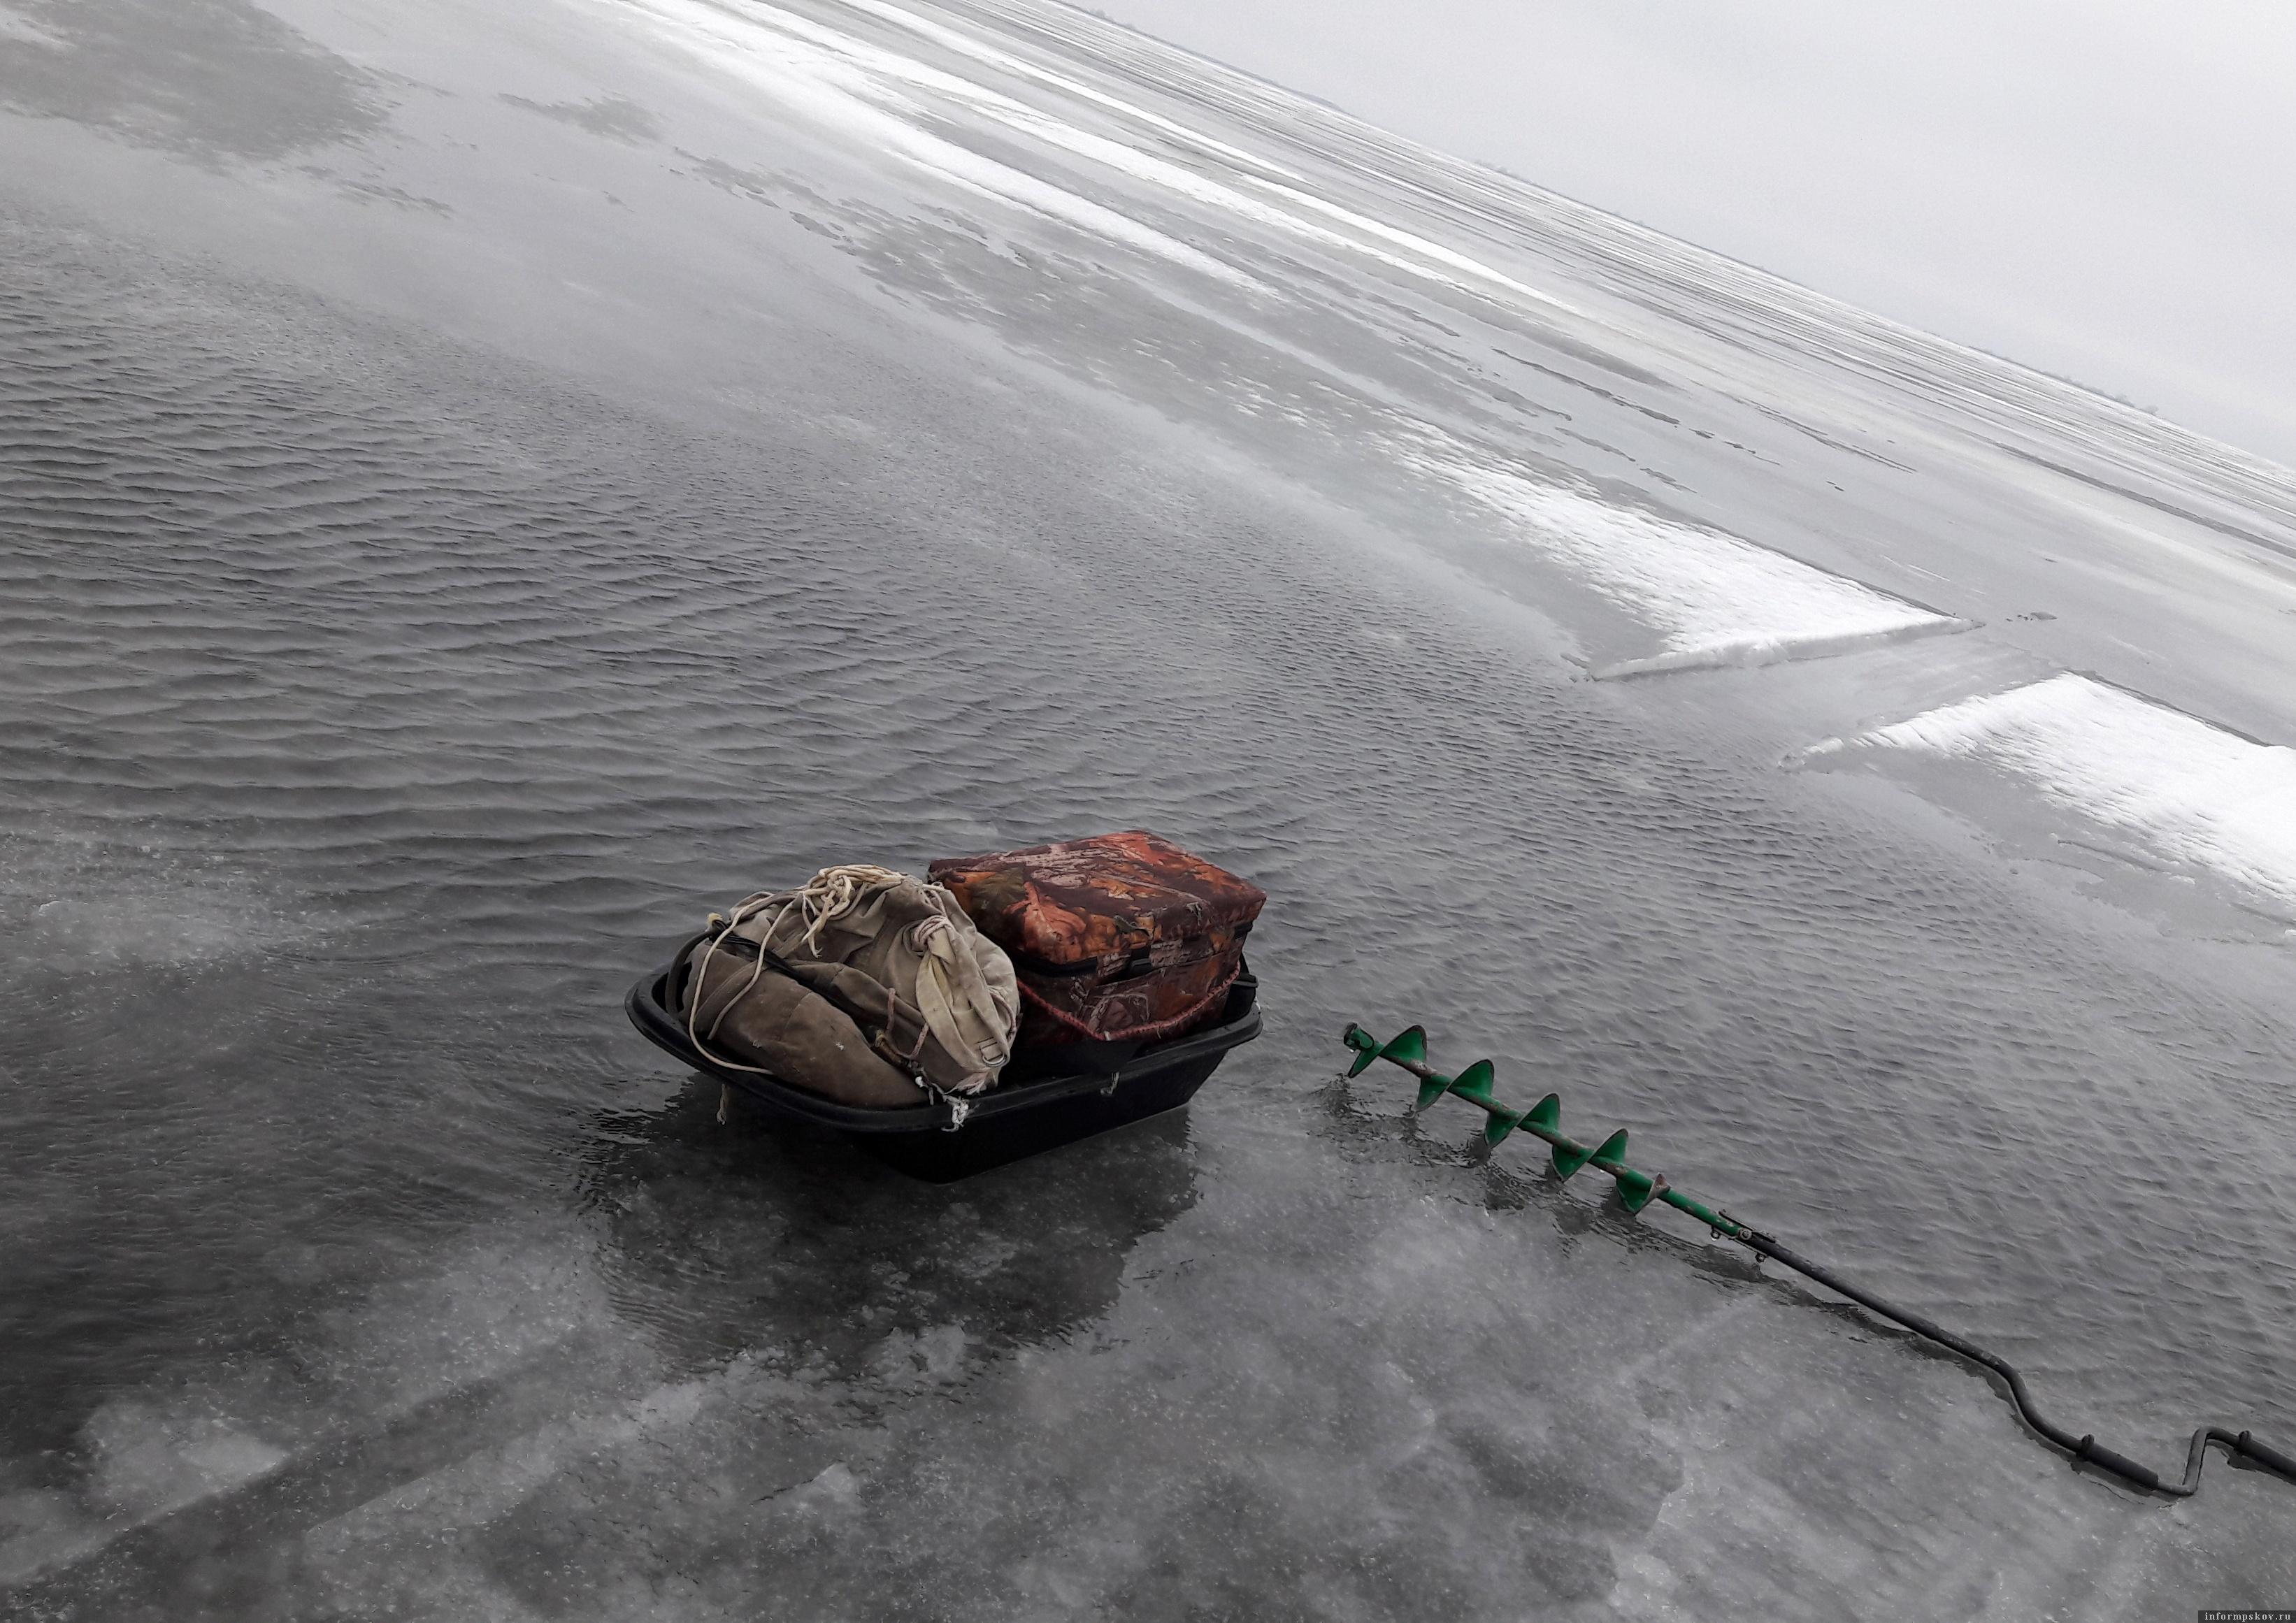 Псковское озеро. Воды больше, чем льда. Фото автора.